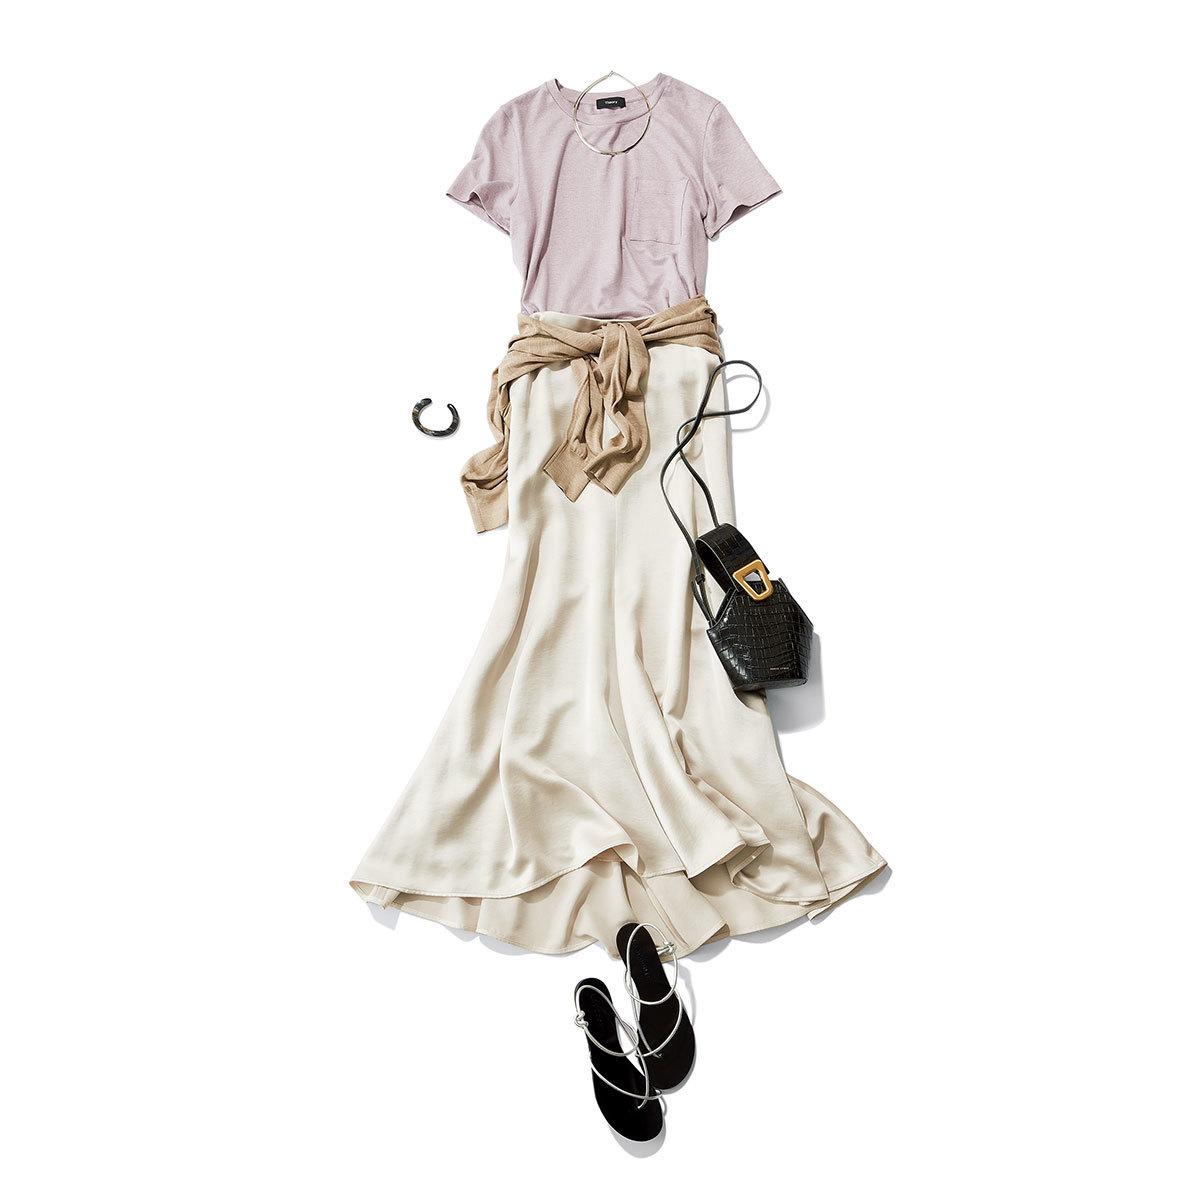 ラベンダー色Tシャツ×ベージュスカートのコーデ